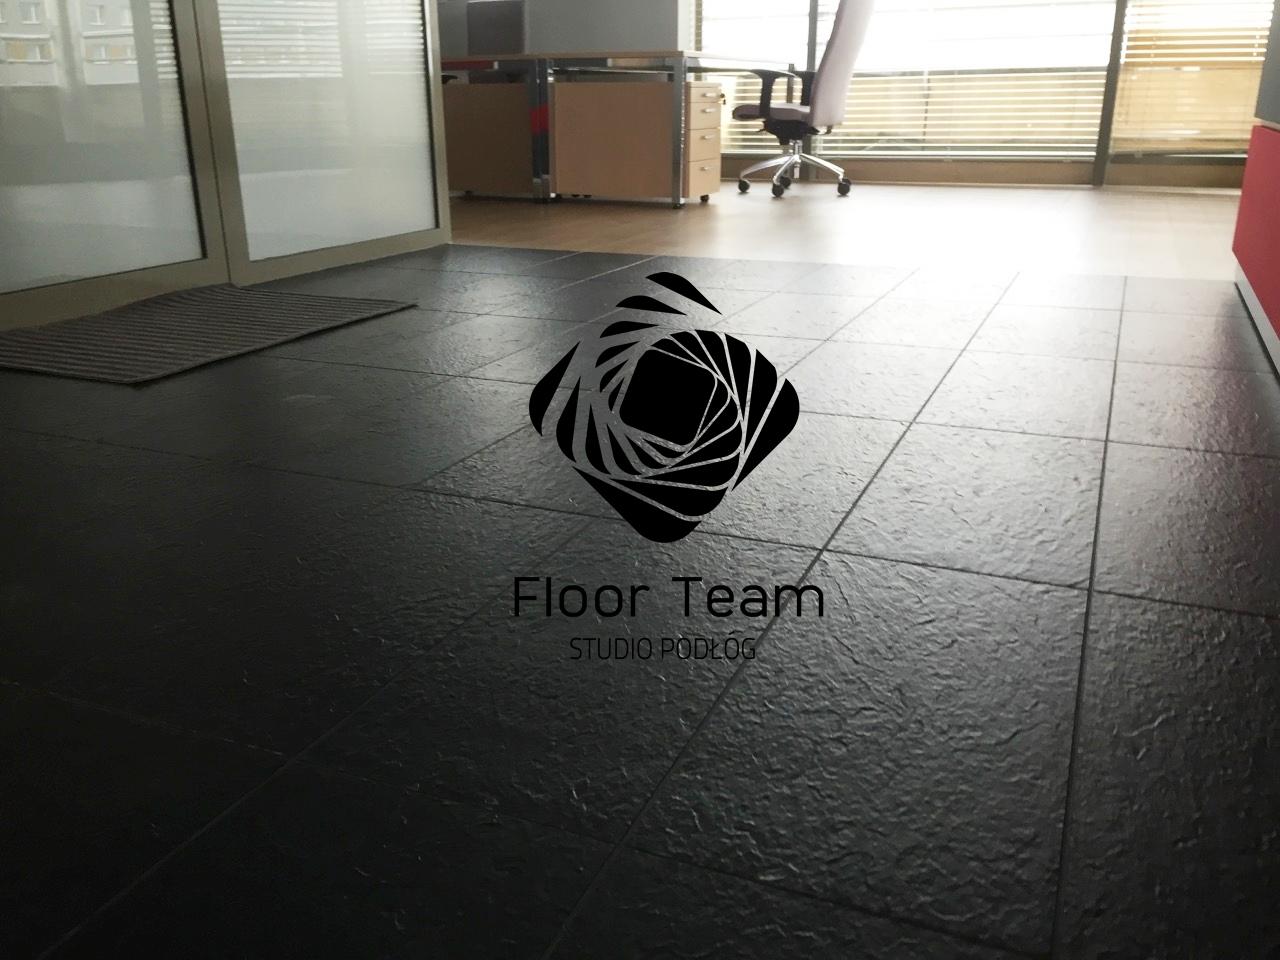 kancelaria tychy floor team